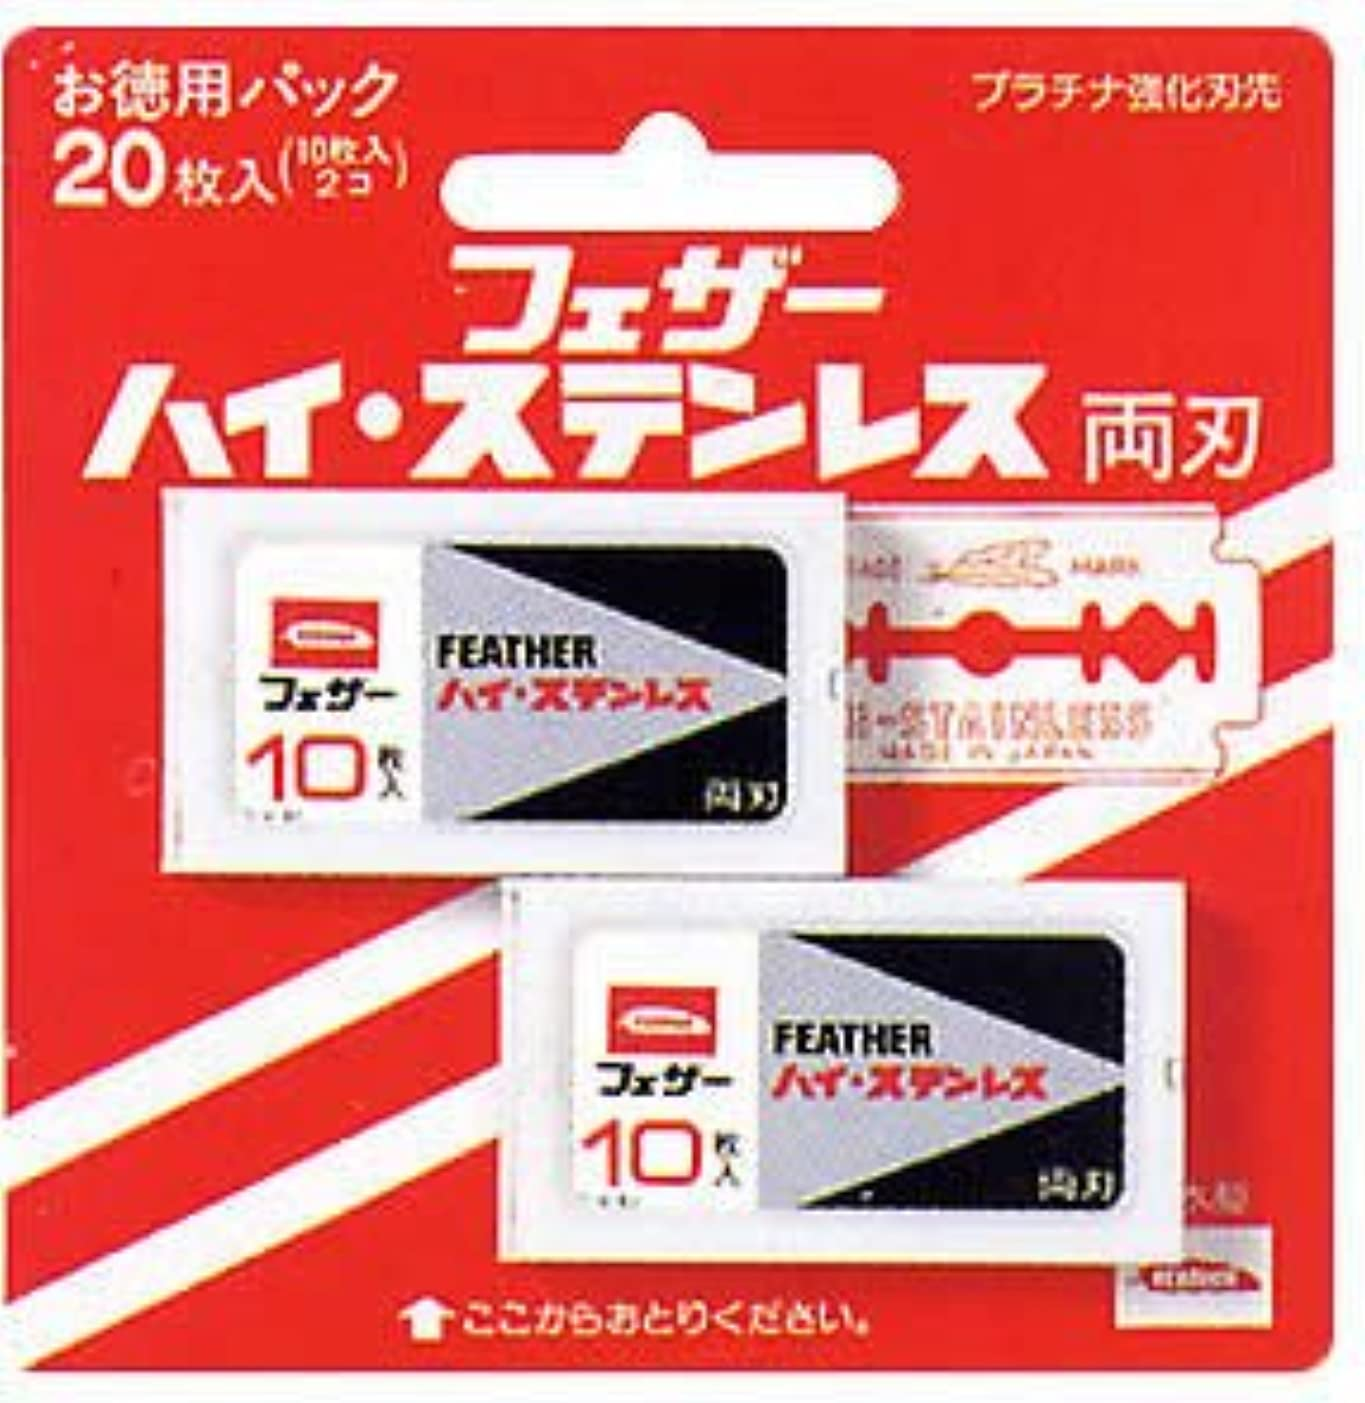 しばしば前売香水フェザー ハイステンレス両刃 20枚入